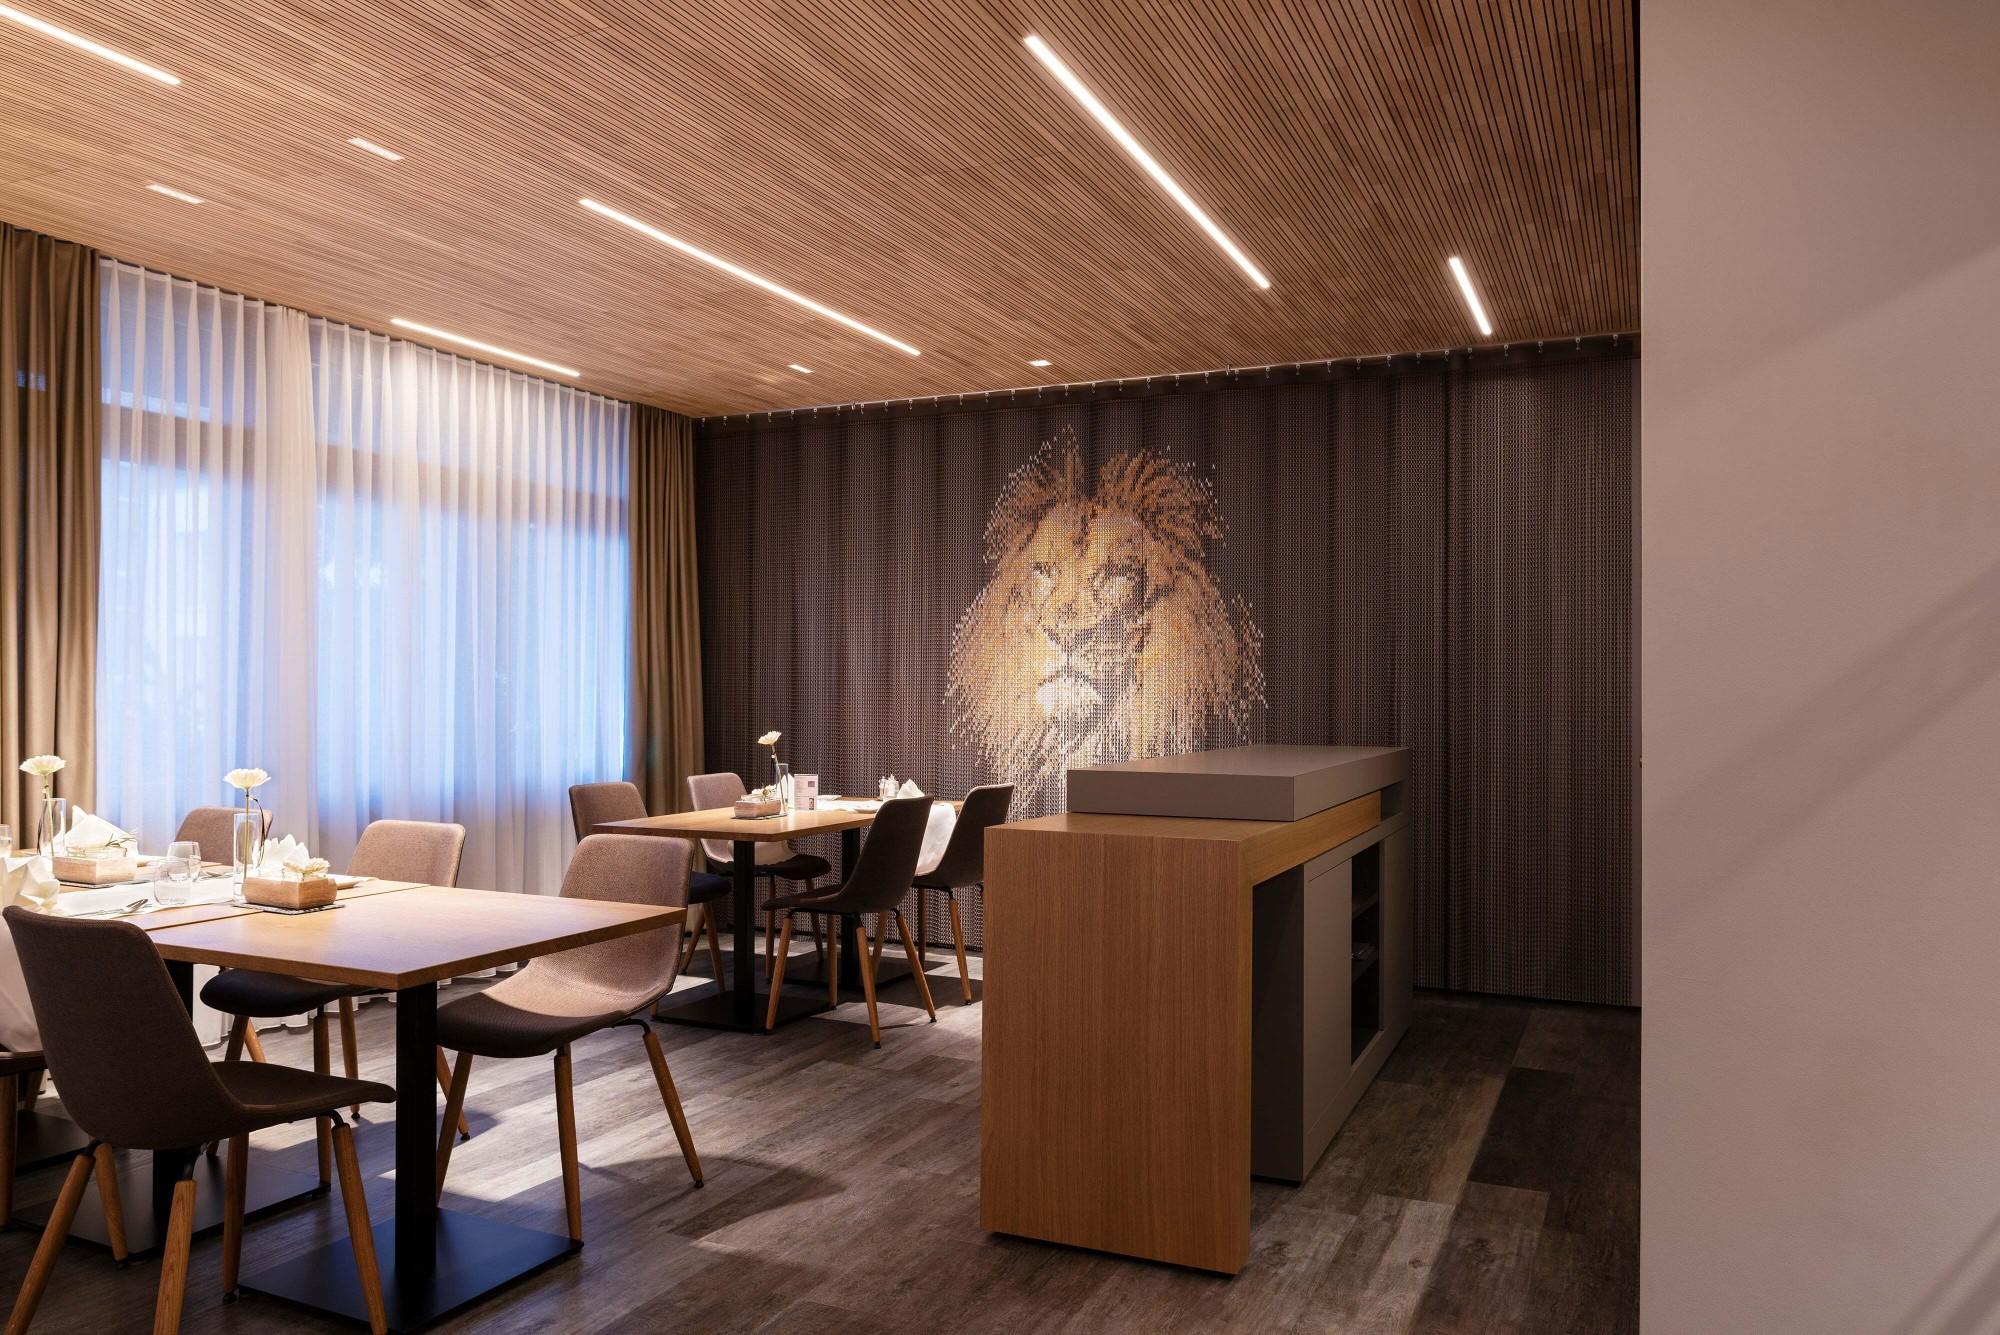 Hotel-restaurante Landgasthof Löwen by Simone Wagner